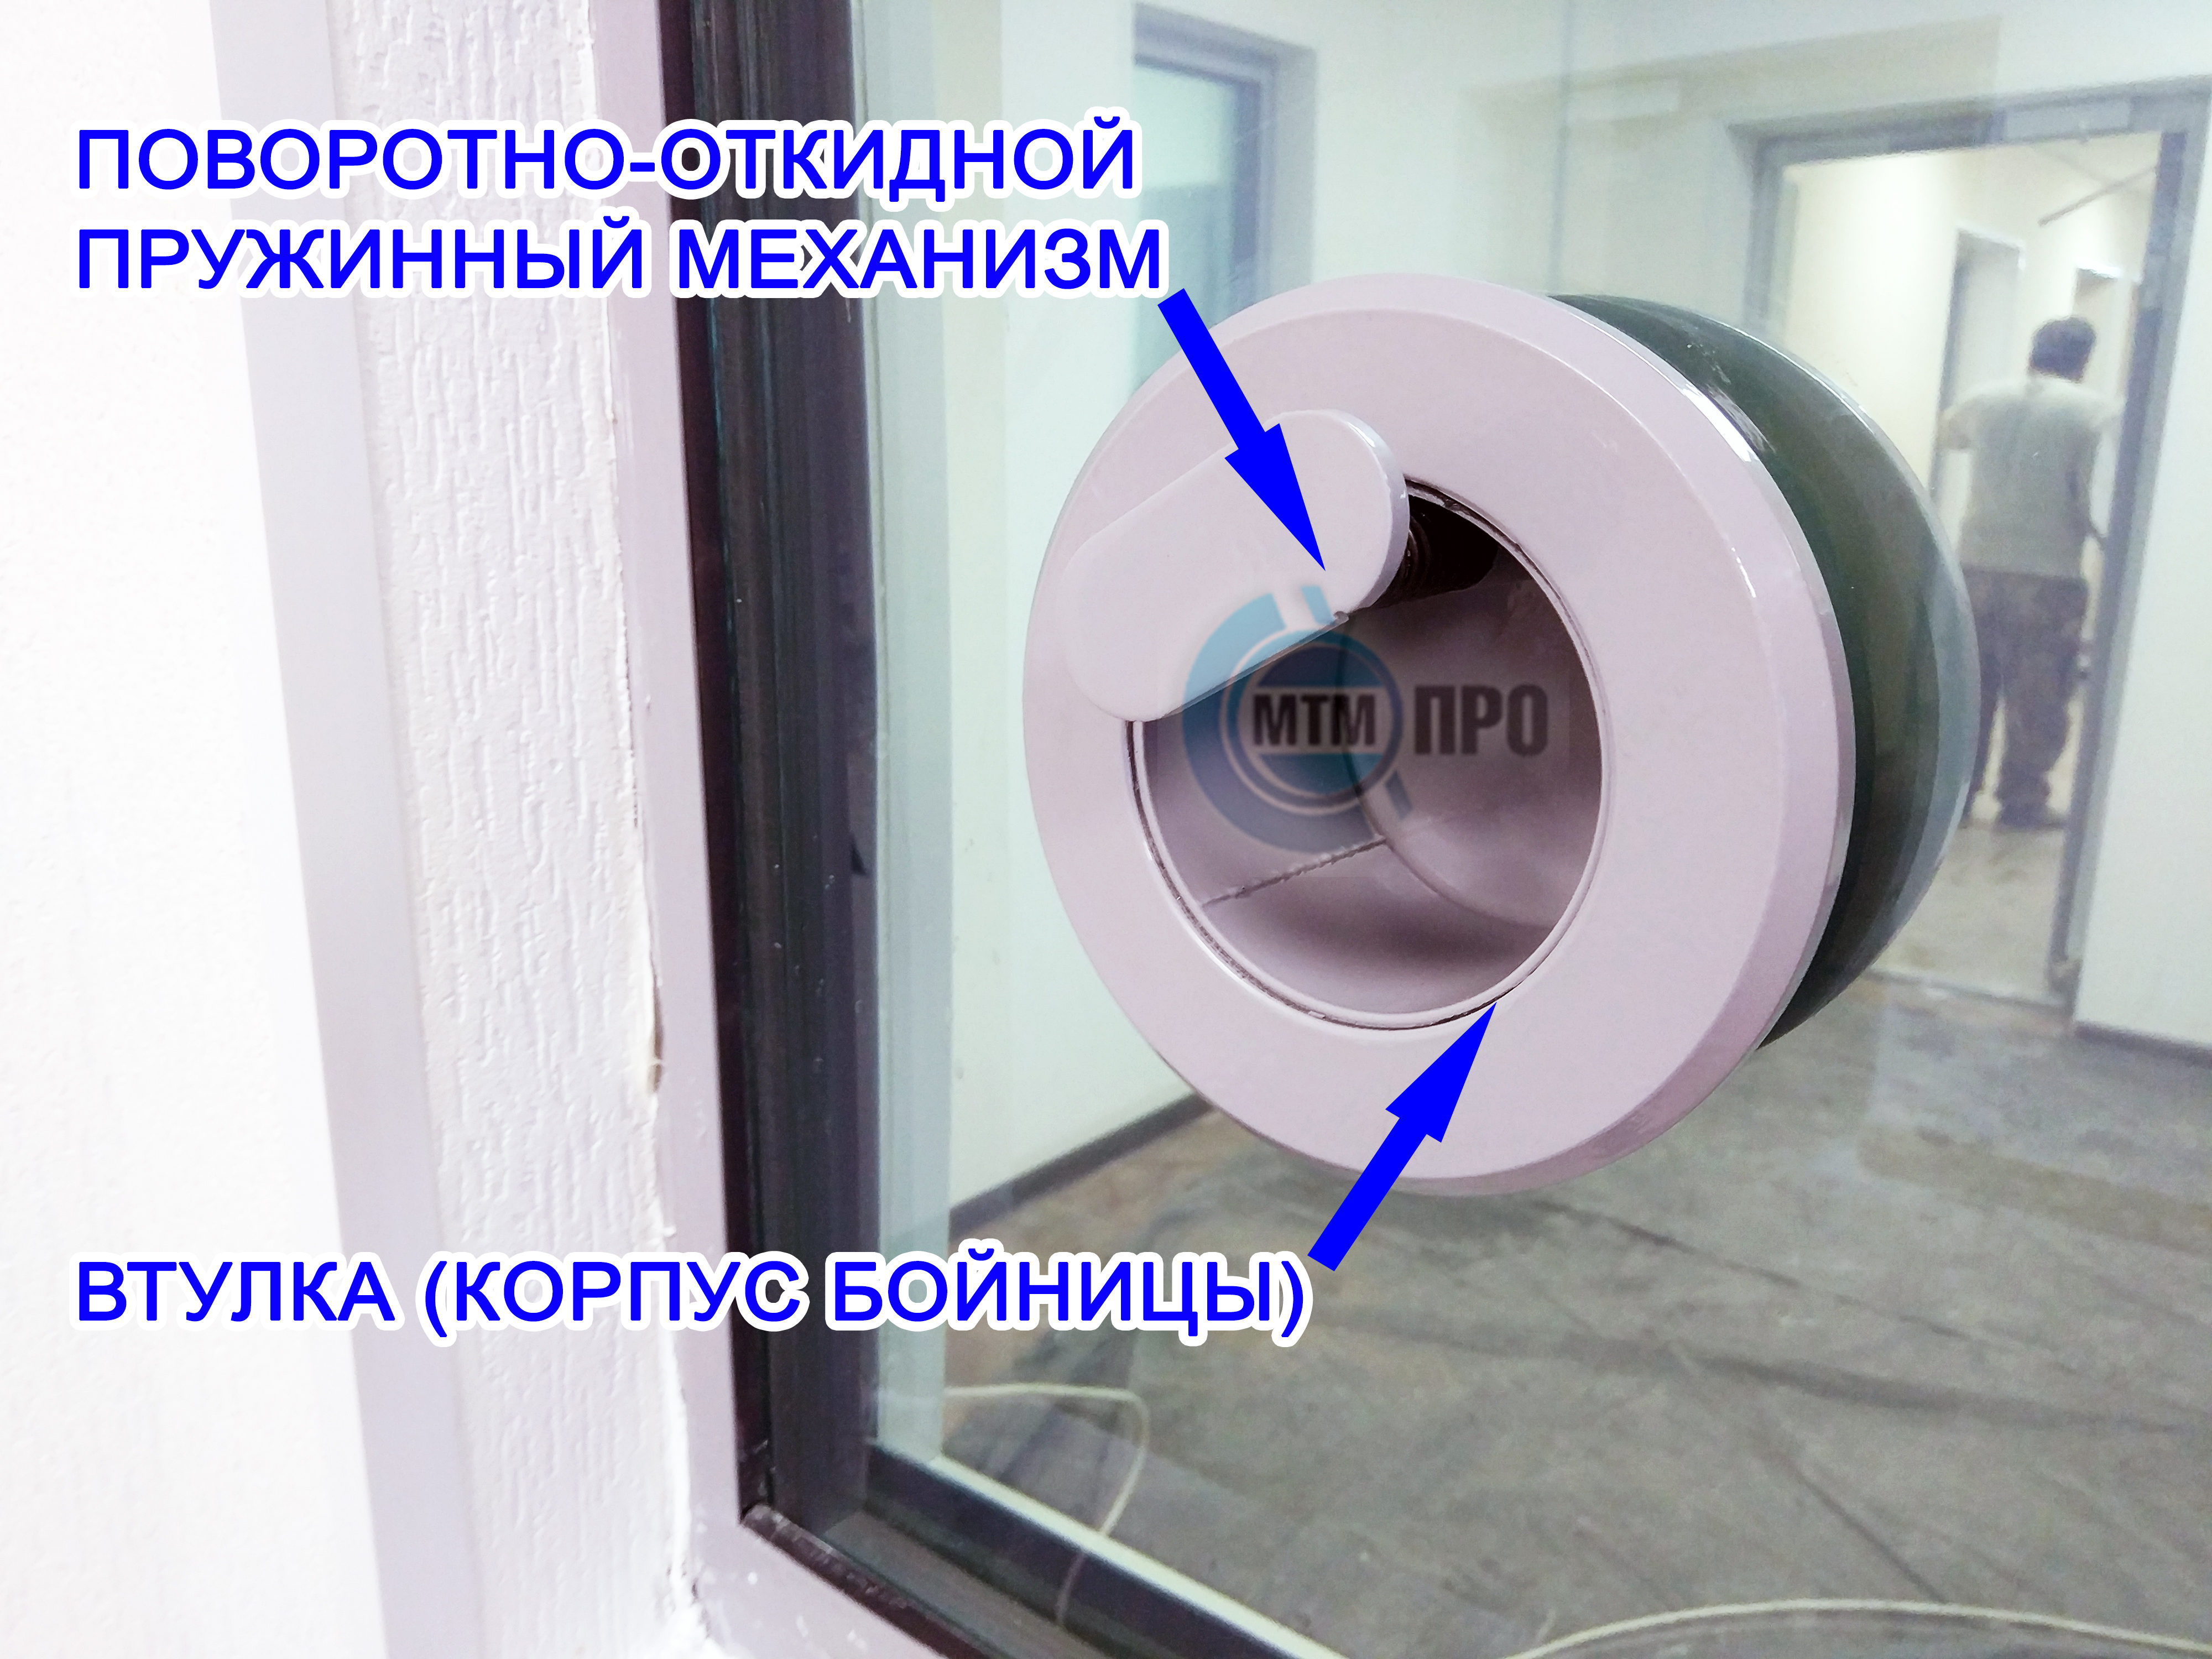 Пулестойкие окна с бойницами